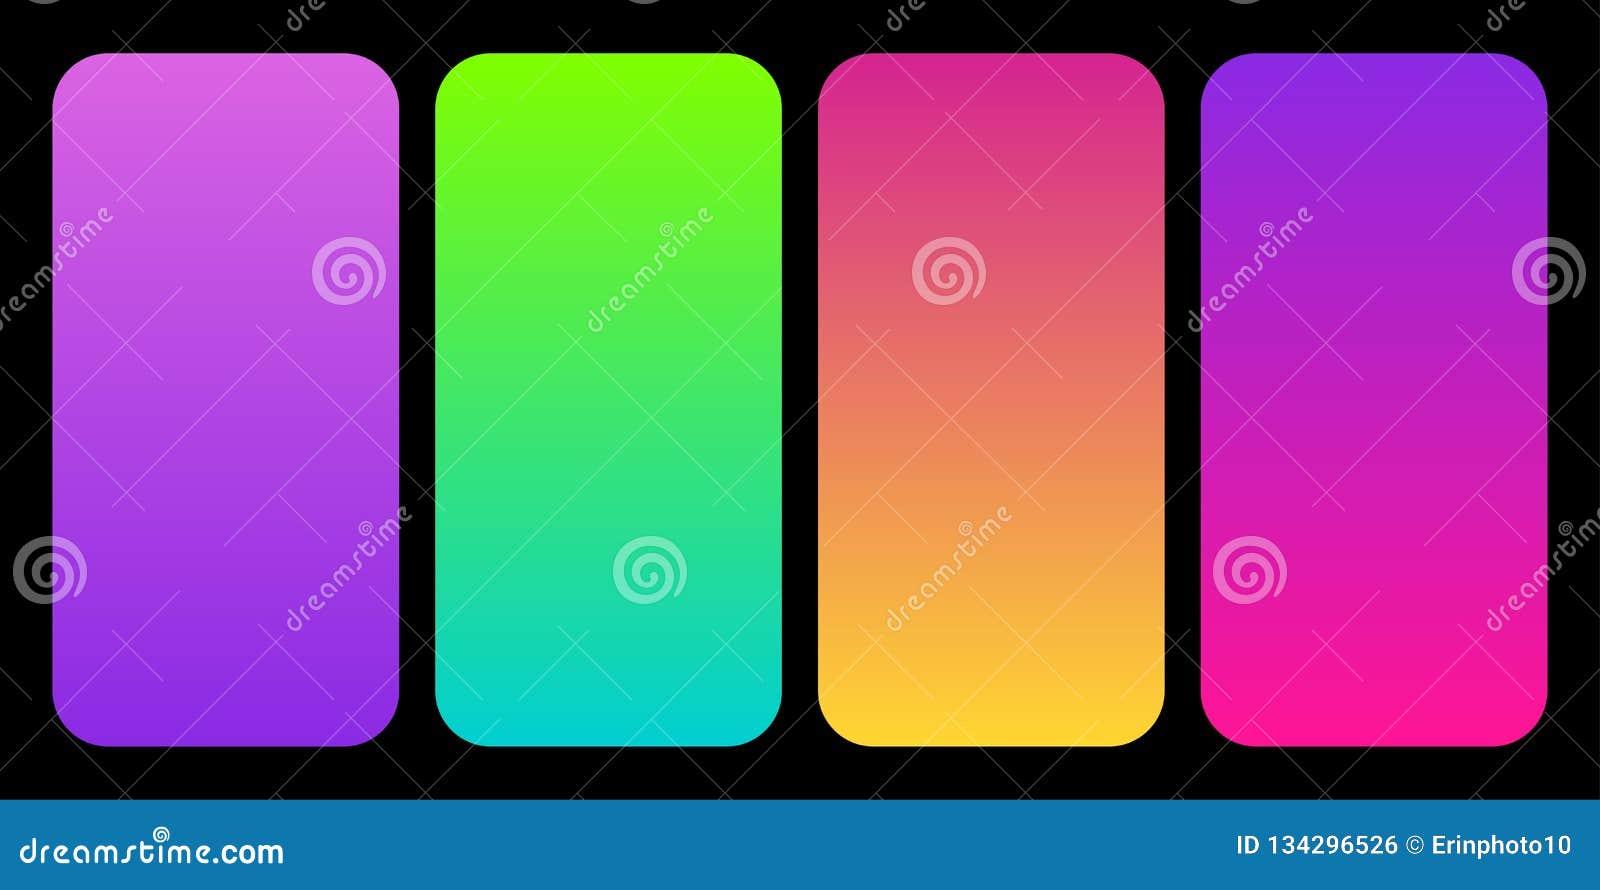 作为套的时髦2019个色板显示梯度收藏塑料桃红色、飞碟绿色、氢核紫色和居住的珊瑚